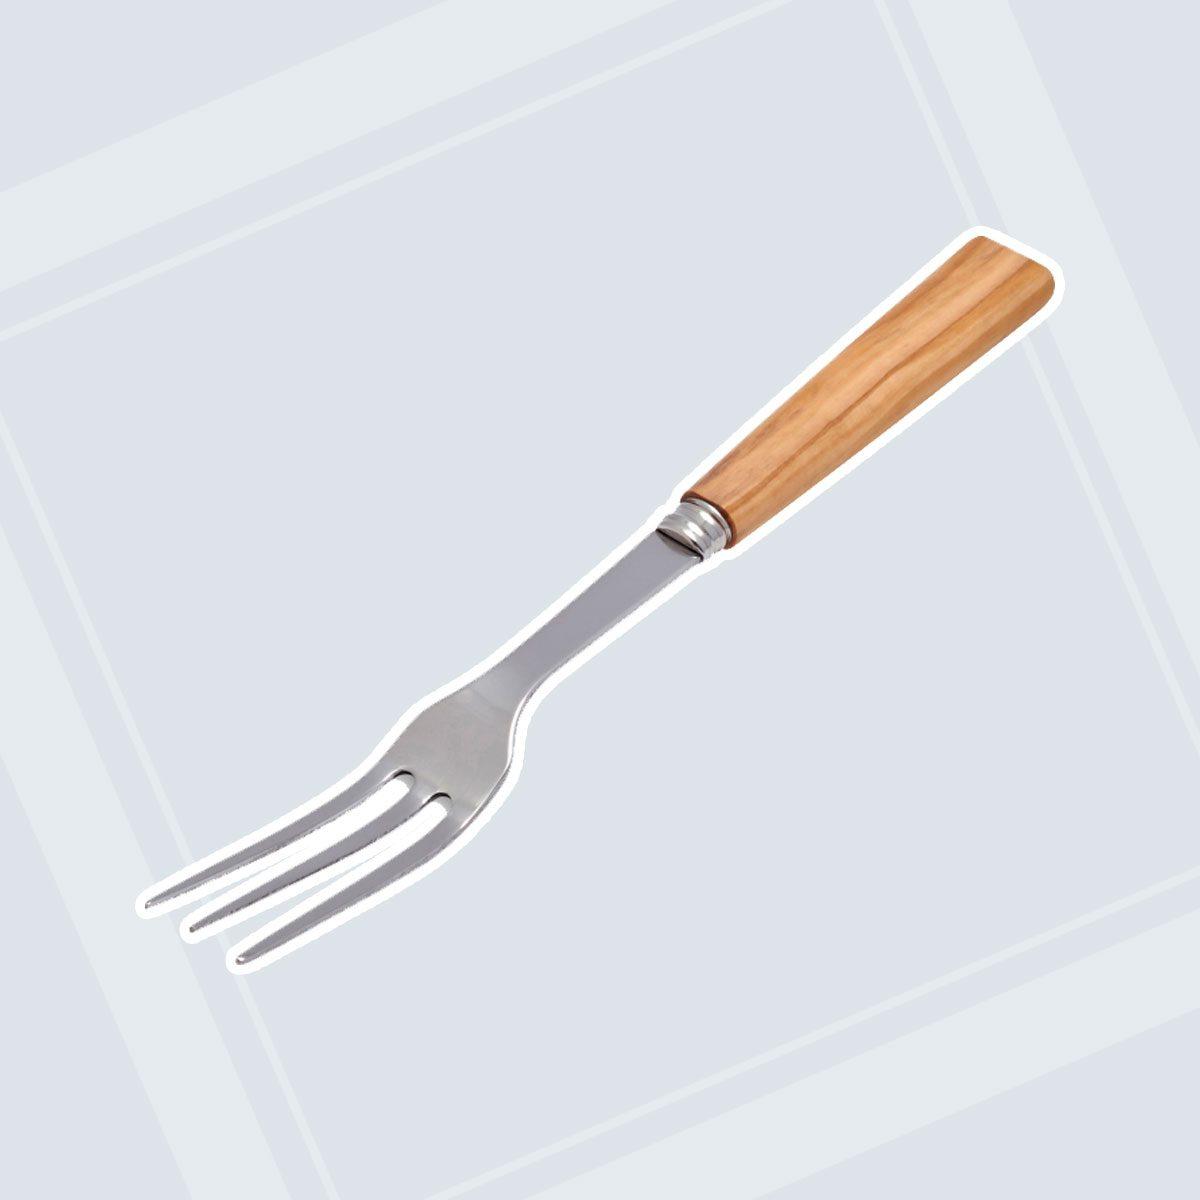 Olivewood Handle Serving Fork